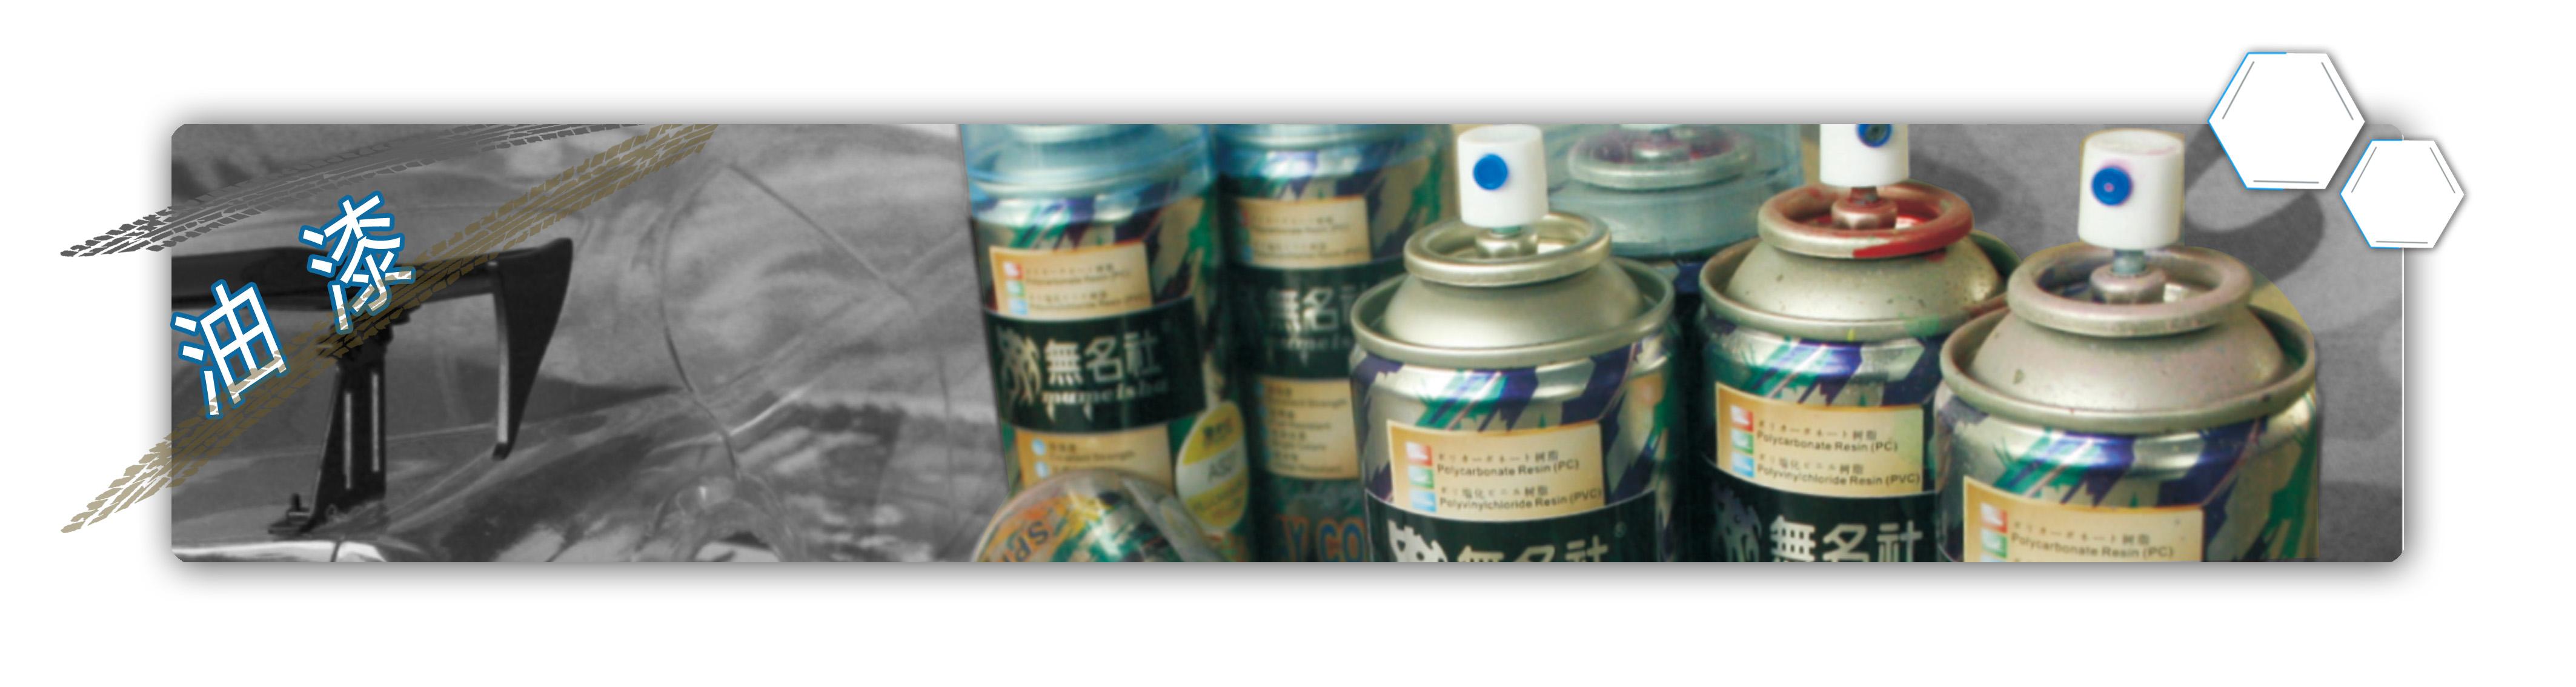 Golor Spray Paint